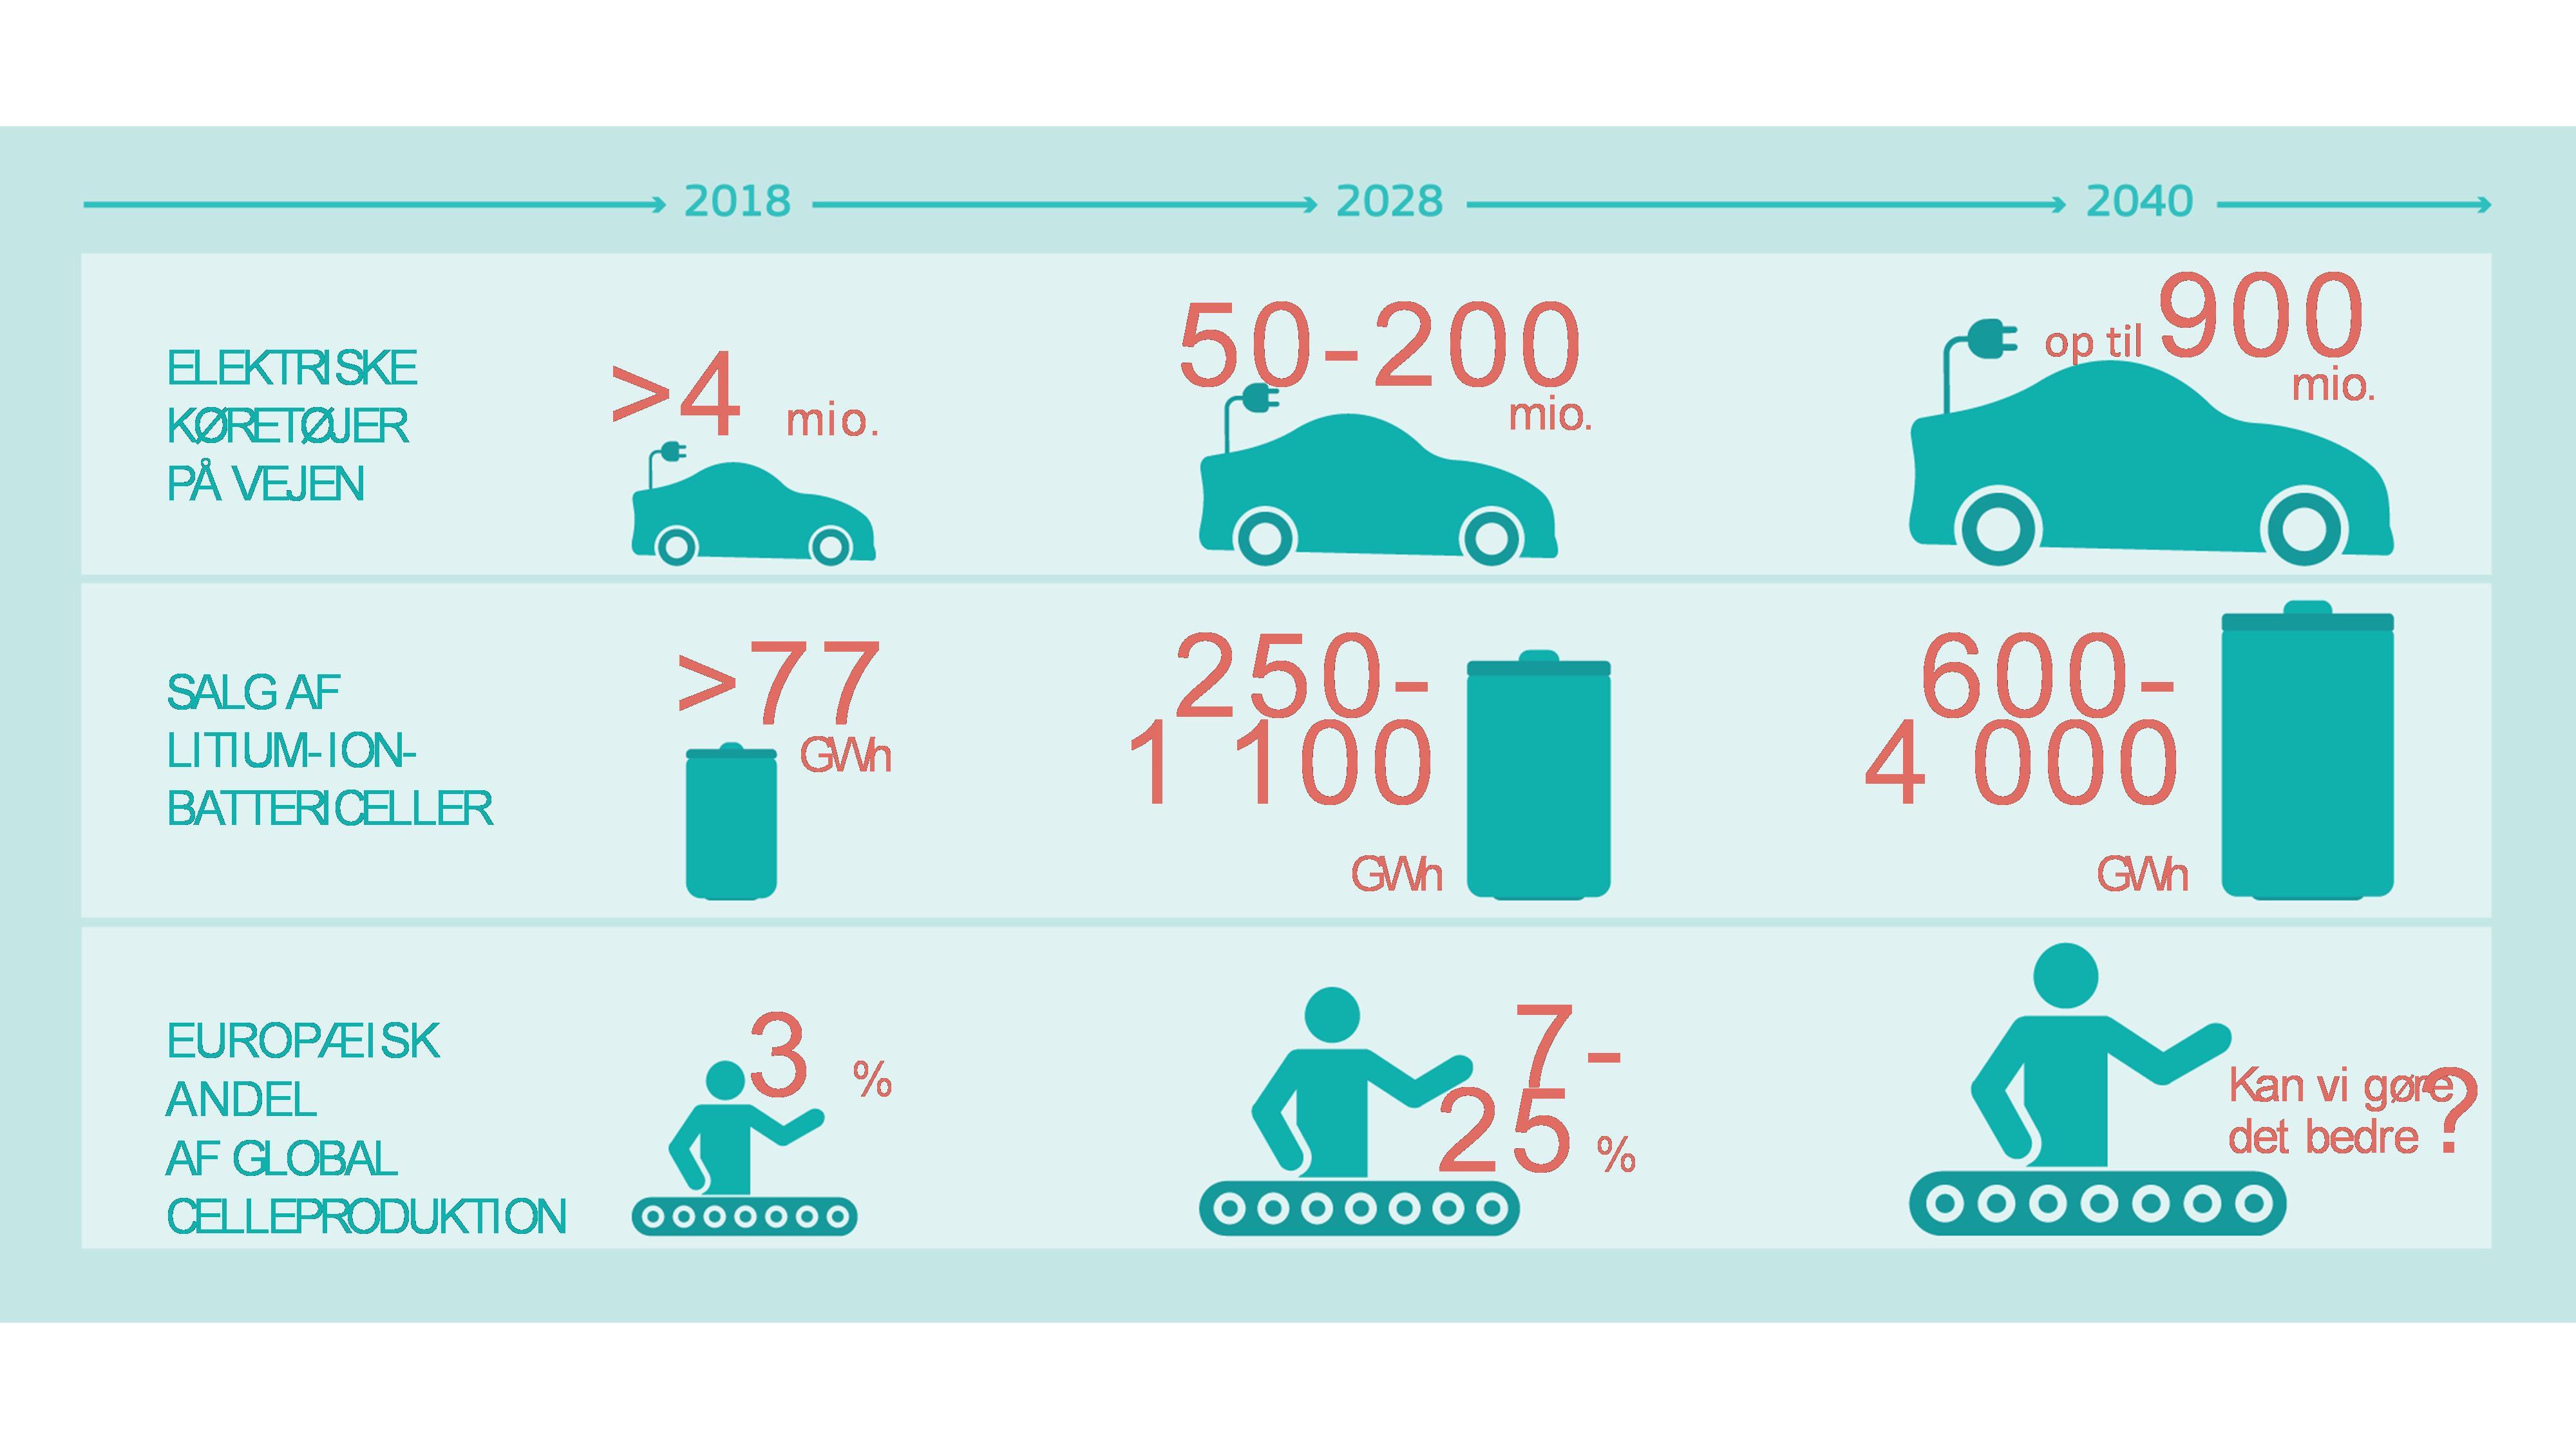 112a8e6a732 Dette tal forventes at stige til mellem 50 og 200 mio. inden 2028 og nå op  på 900 mio. i 2040 12 . Batterier udgør op til 40 % af værdien af en bil 13  .